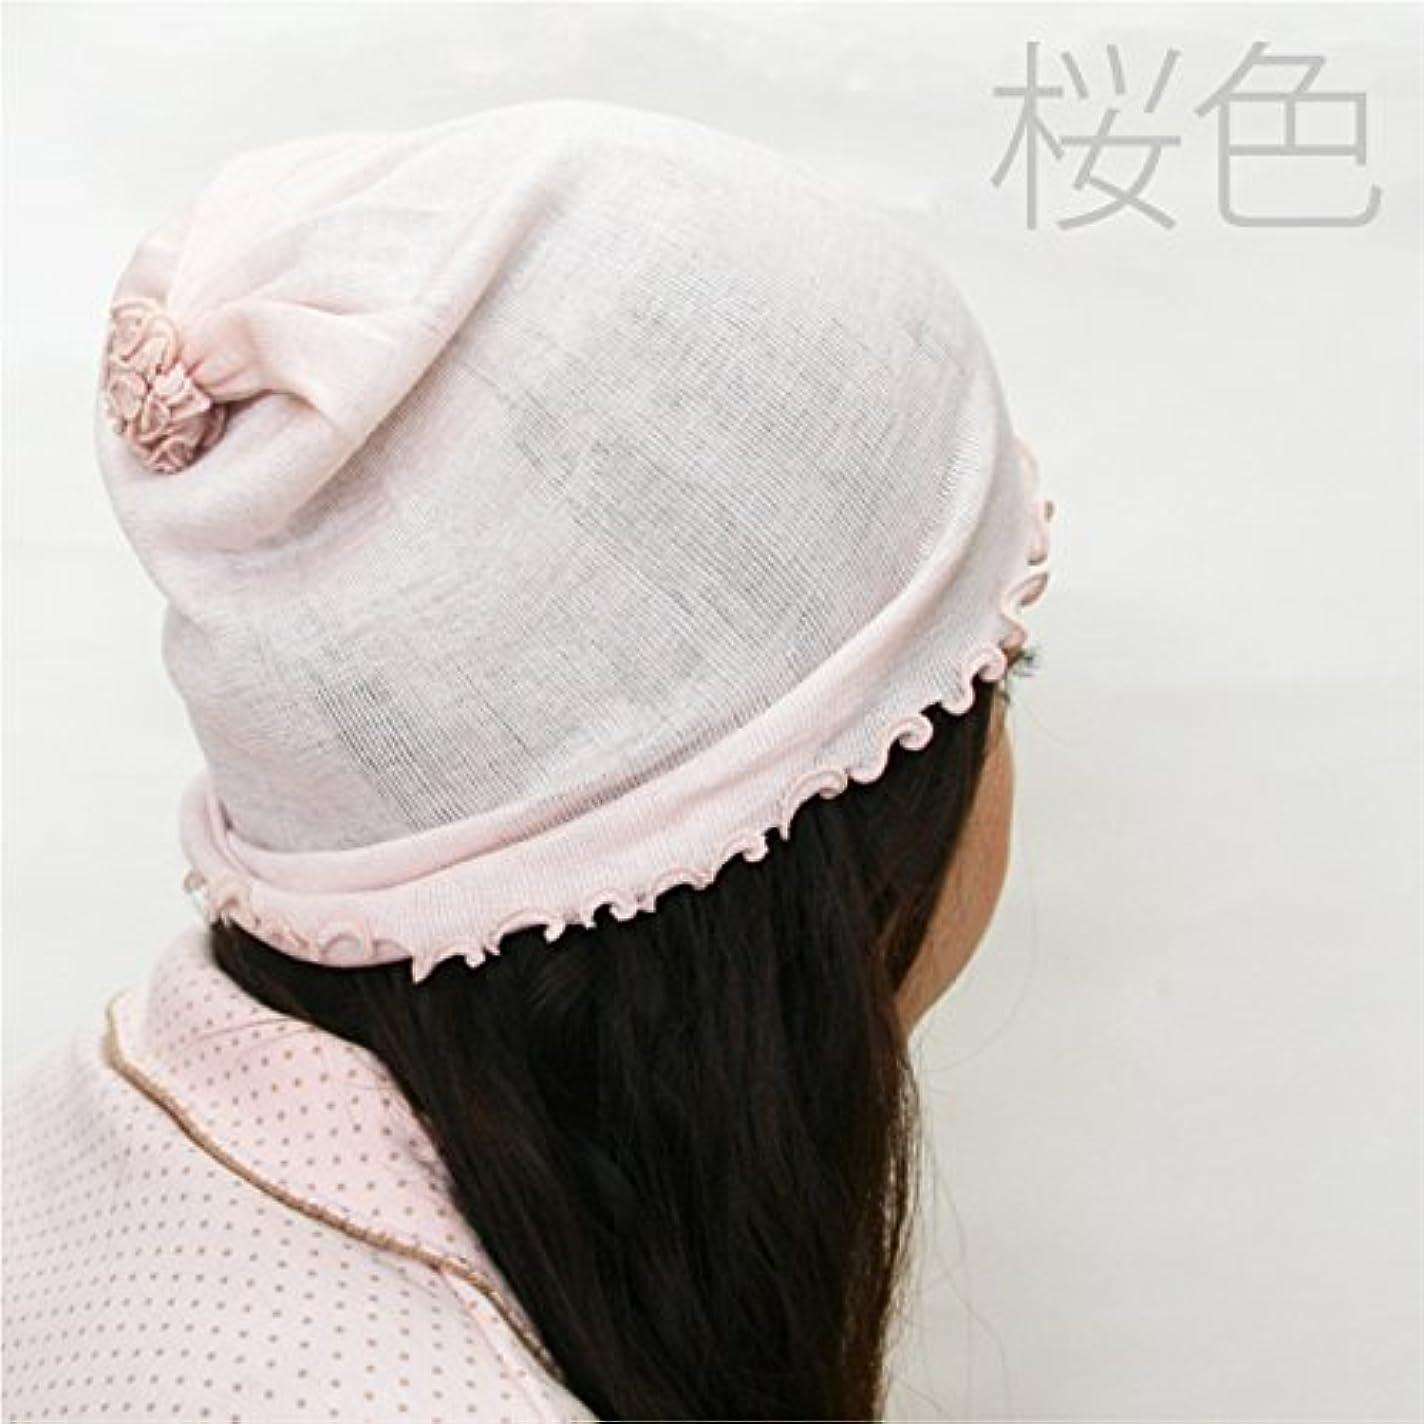 スイッチトレイミッション絹屋 シルクナイトキャップ SO4463 02桜色